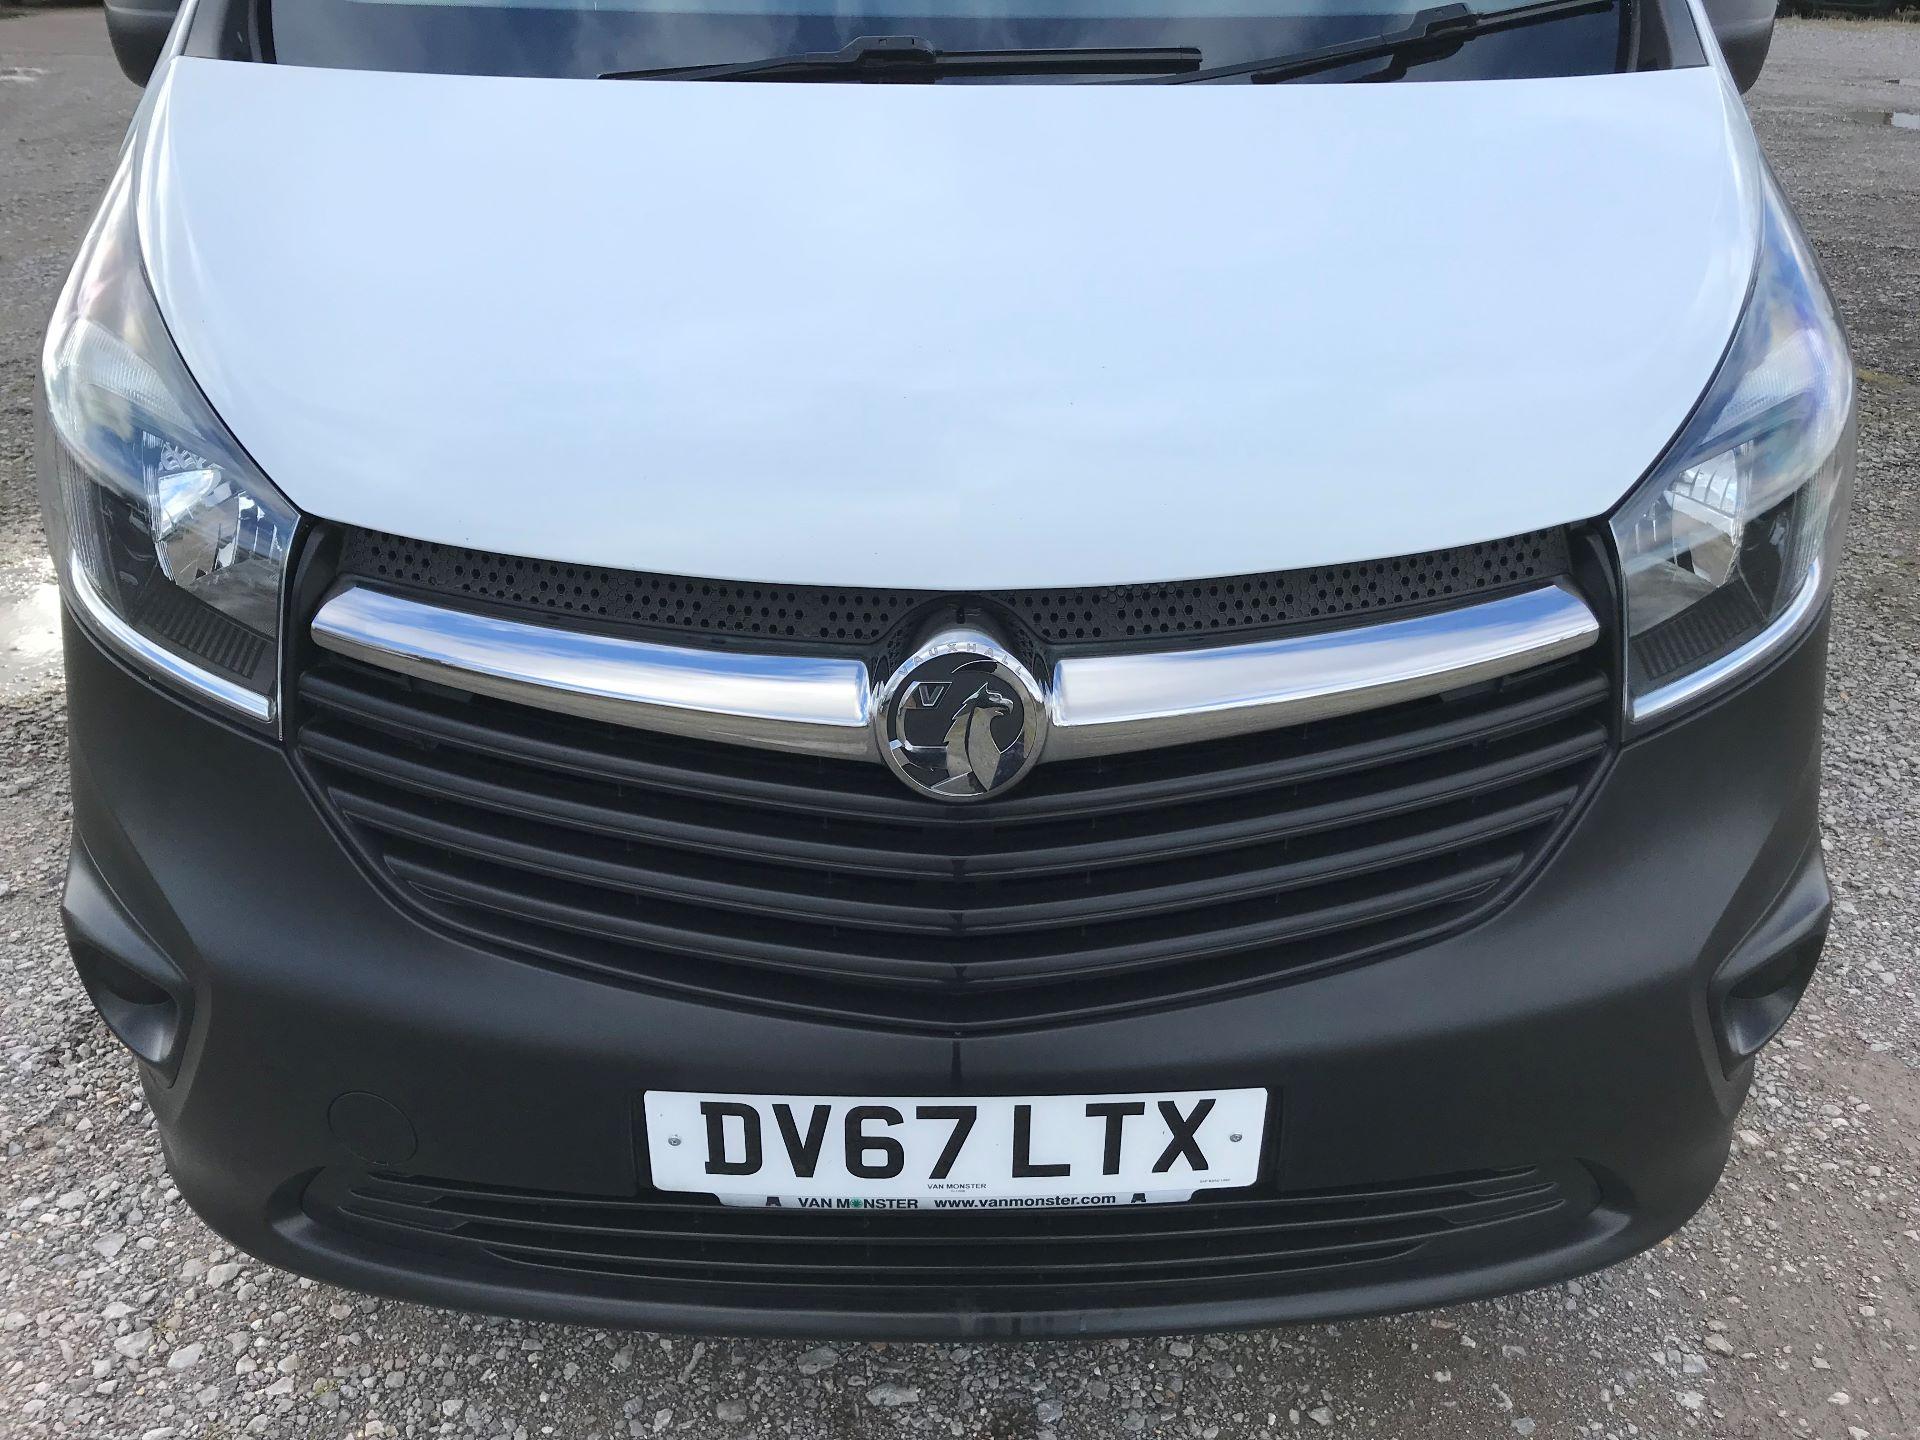 2017 Vauxhall Vivaro L2 H1 2900 1.6CDTI 120PS EURO 6 (DV67LTX) Image 14